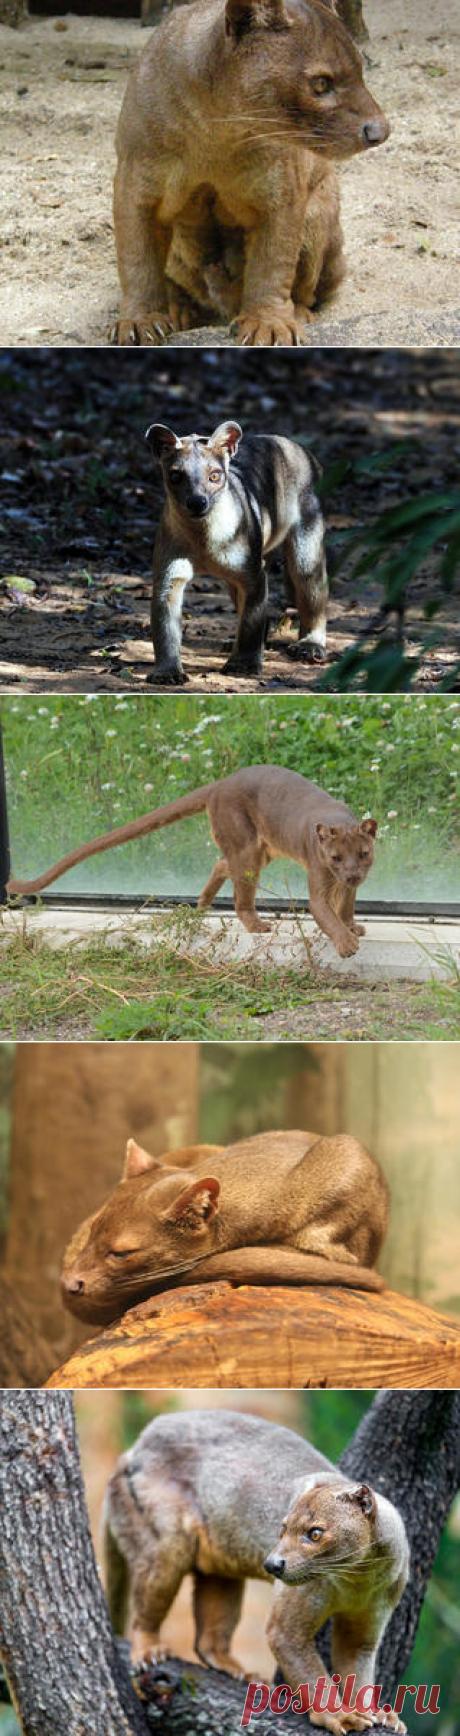 Смотреть изображения фосс | Зооляндия